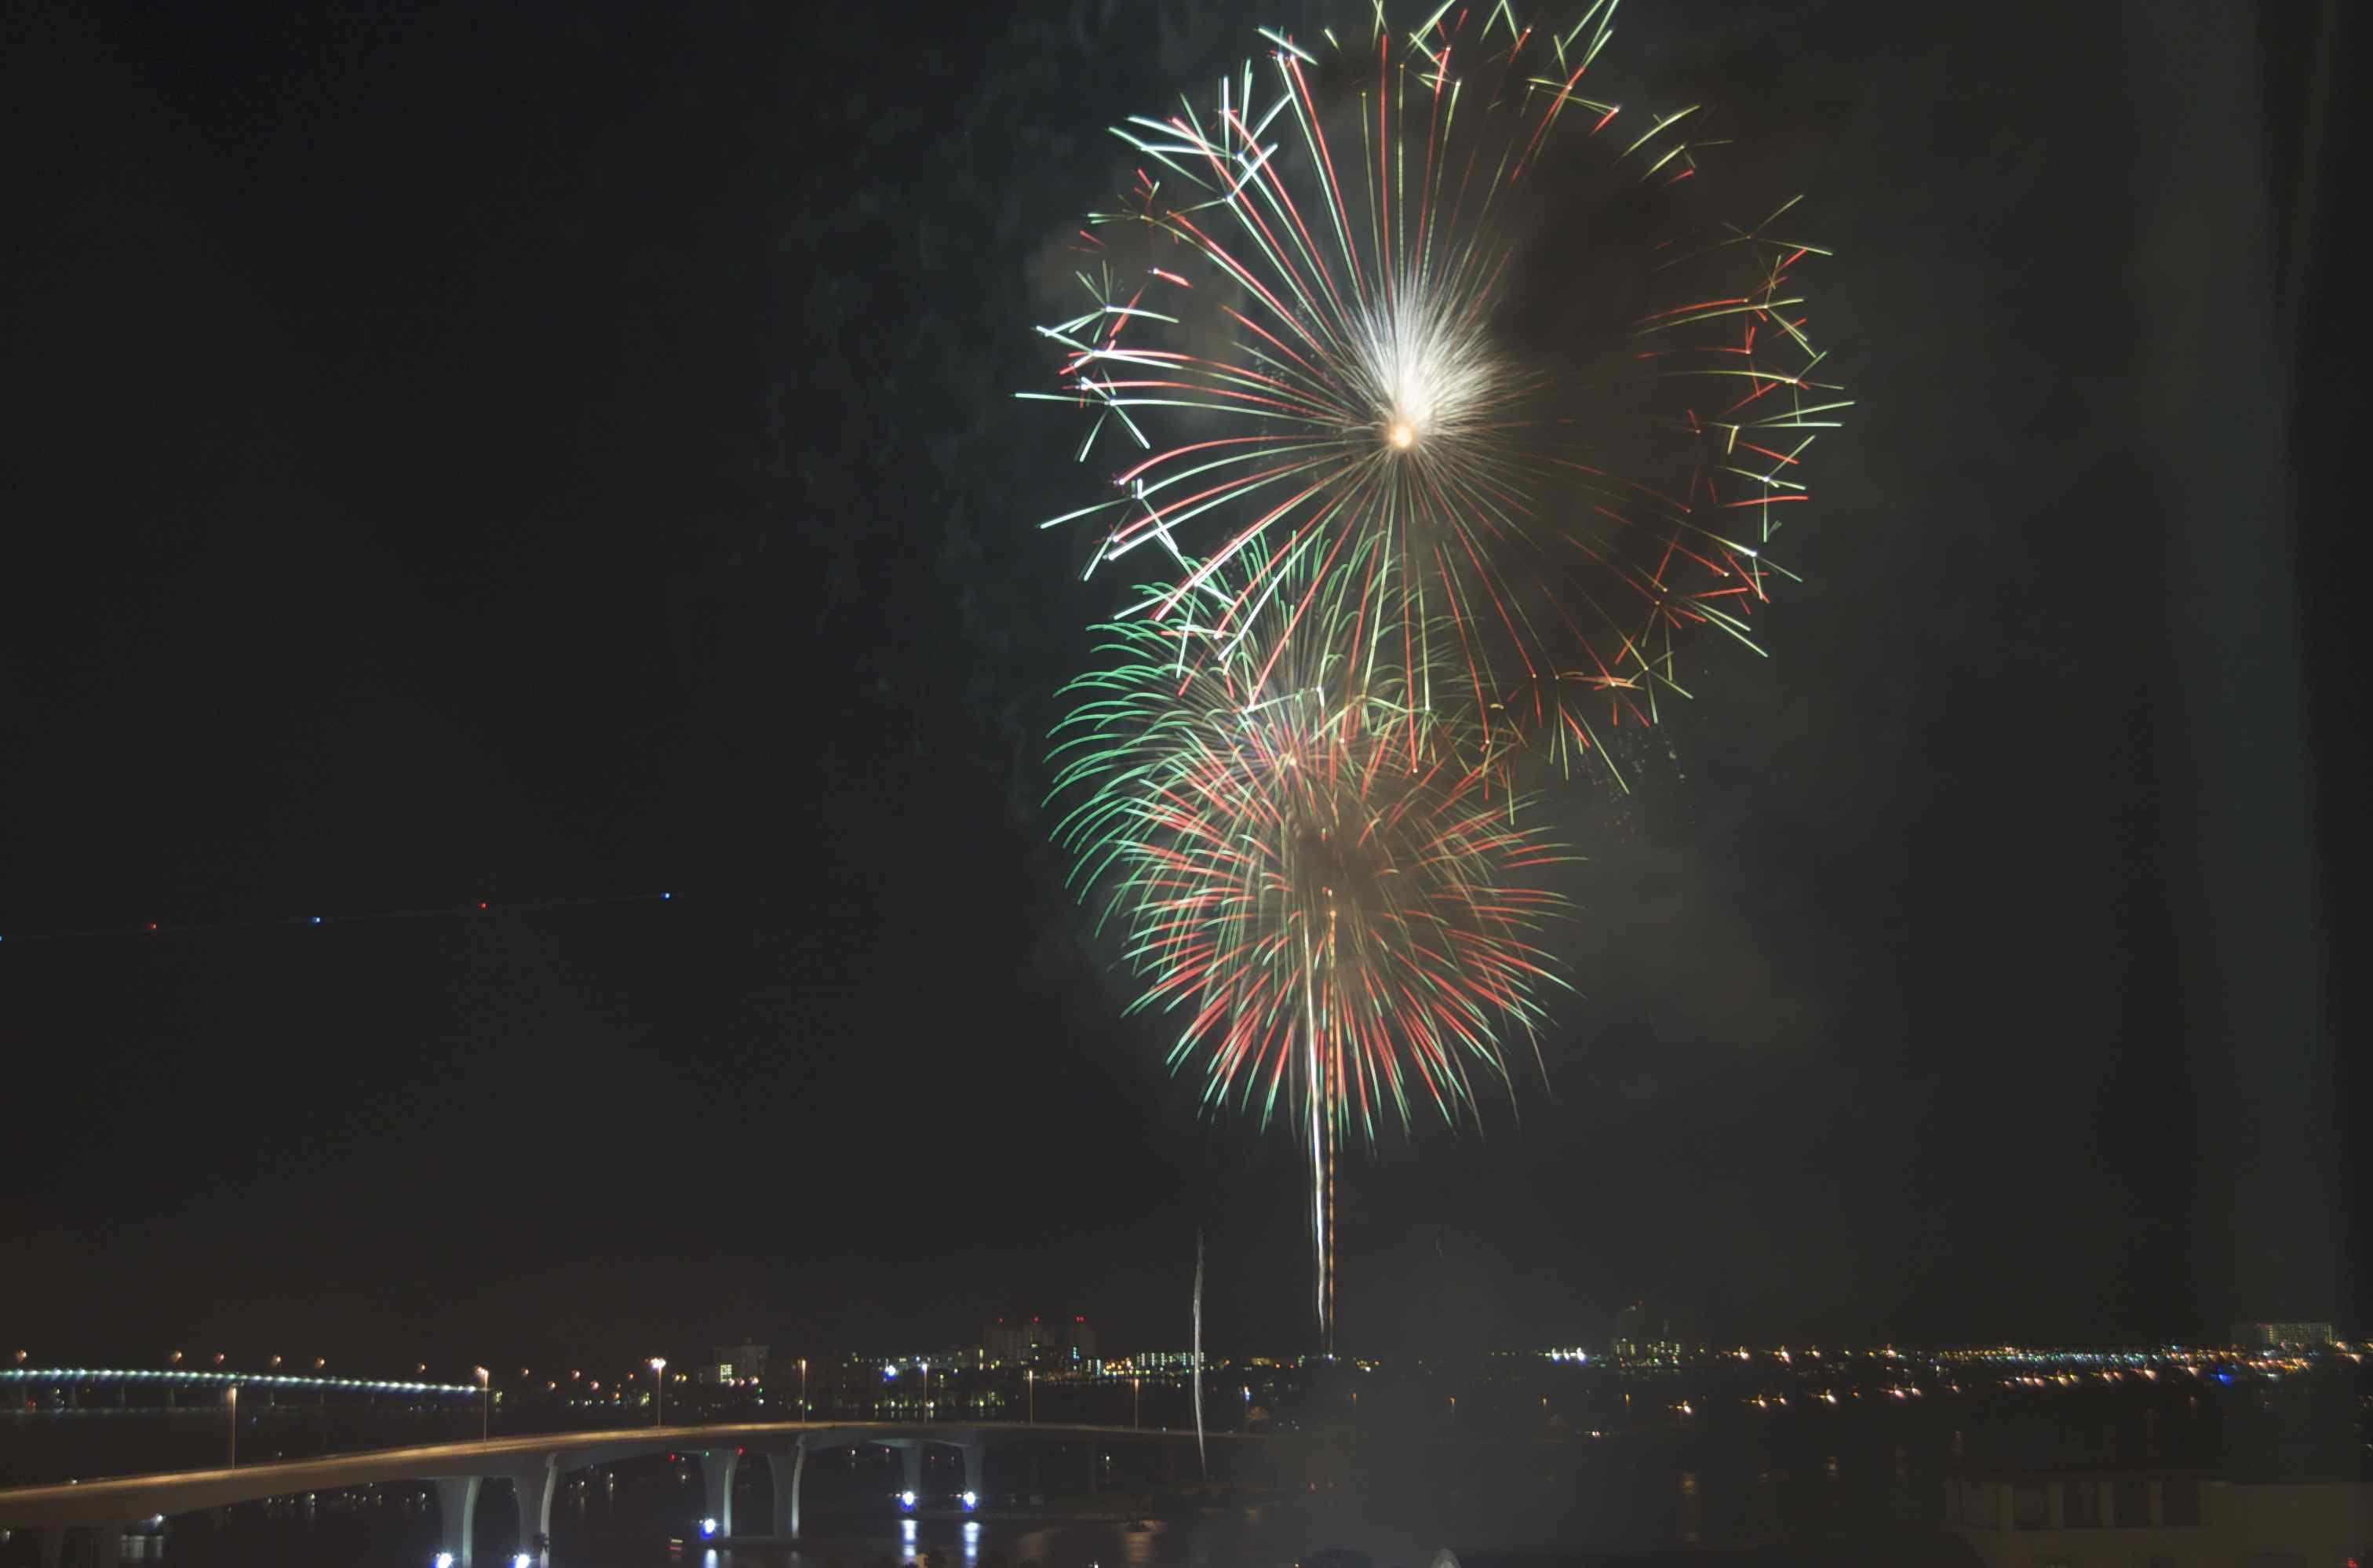 Fuegos artificiales del 4 de julio en Clearwater, Florida